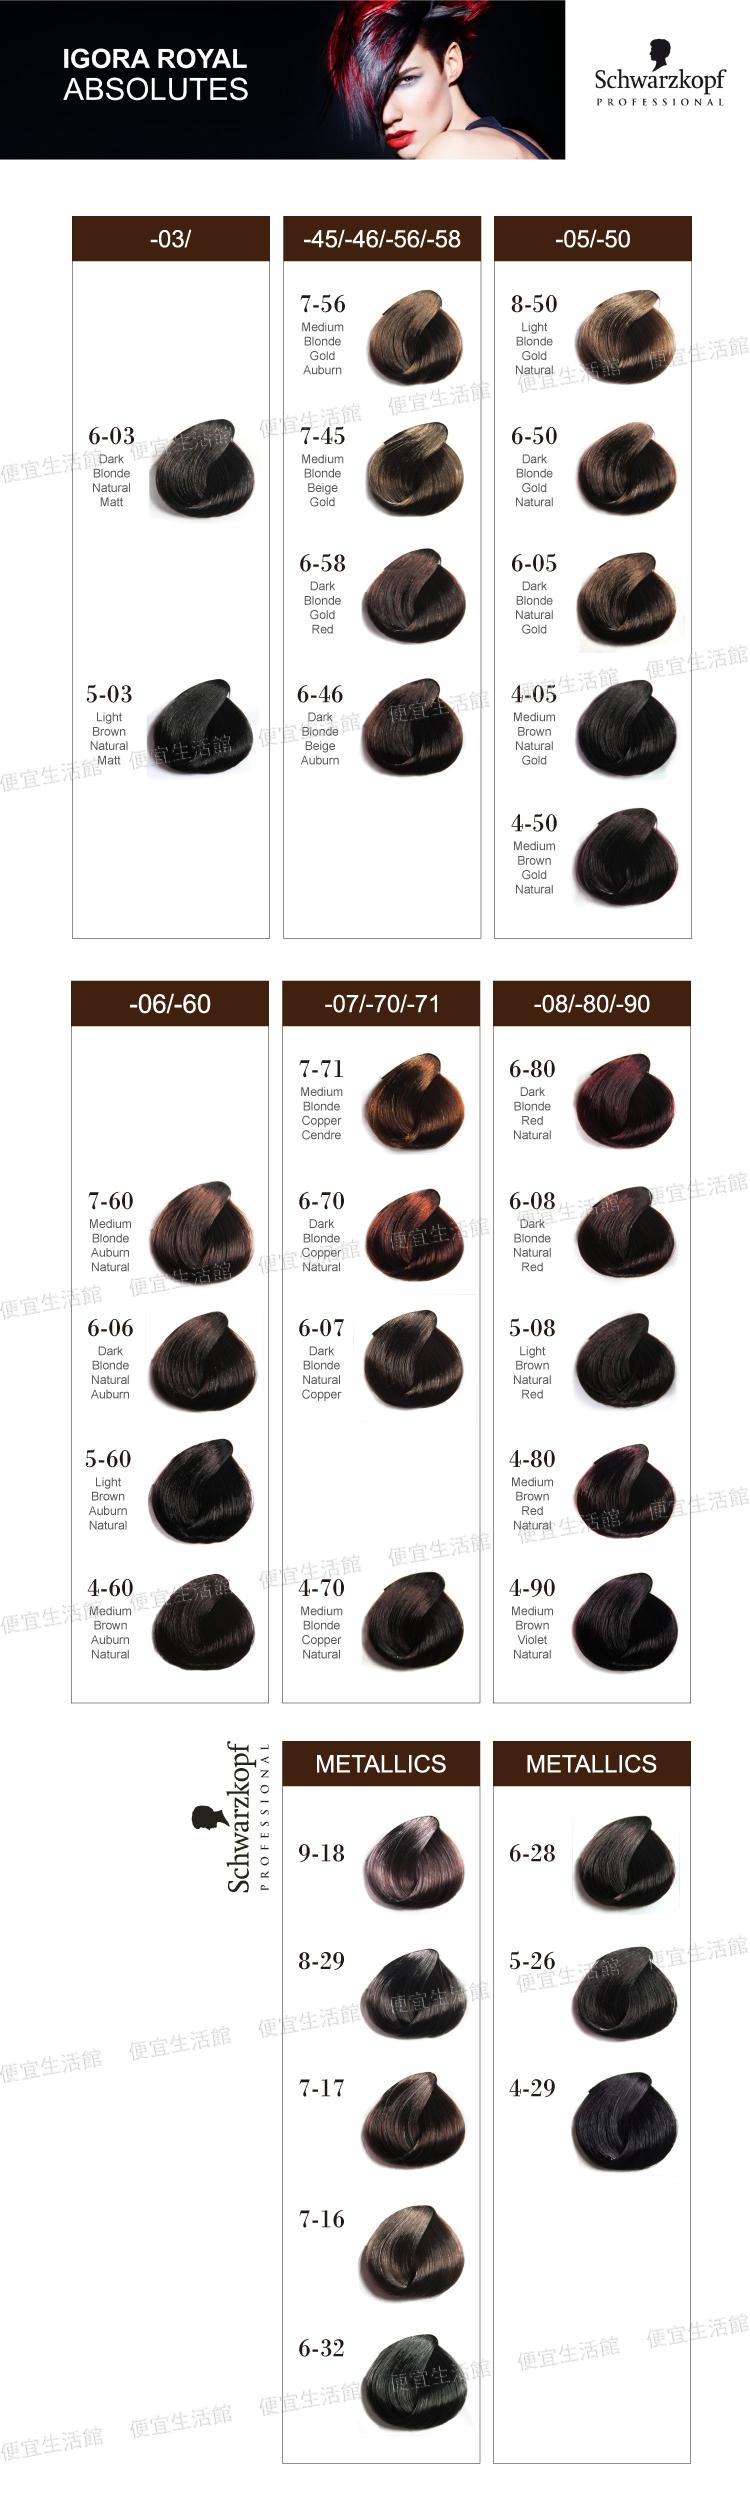 便宜生活館【燙染劑】德國施華蔻Schwarzkopf染髮劑60g 提供全系色澤選擇 (含雙氧乳一組)~